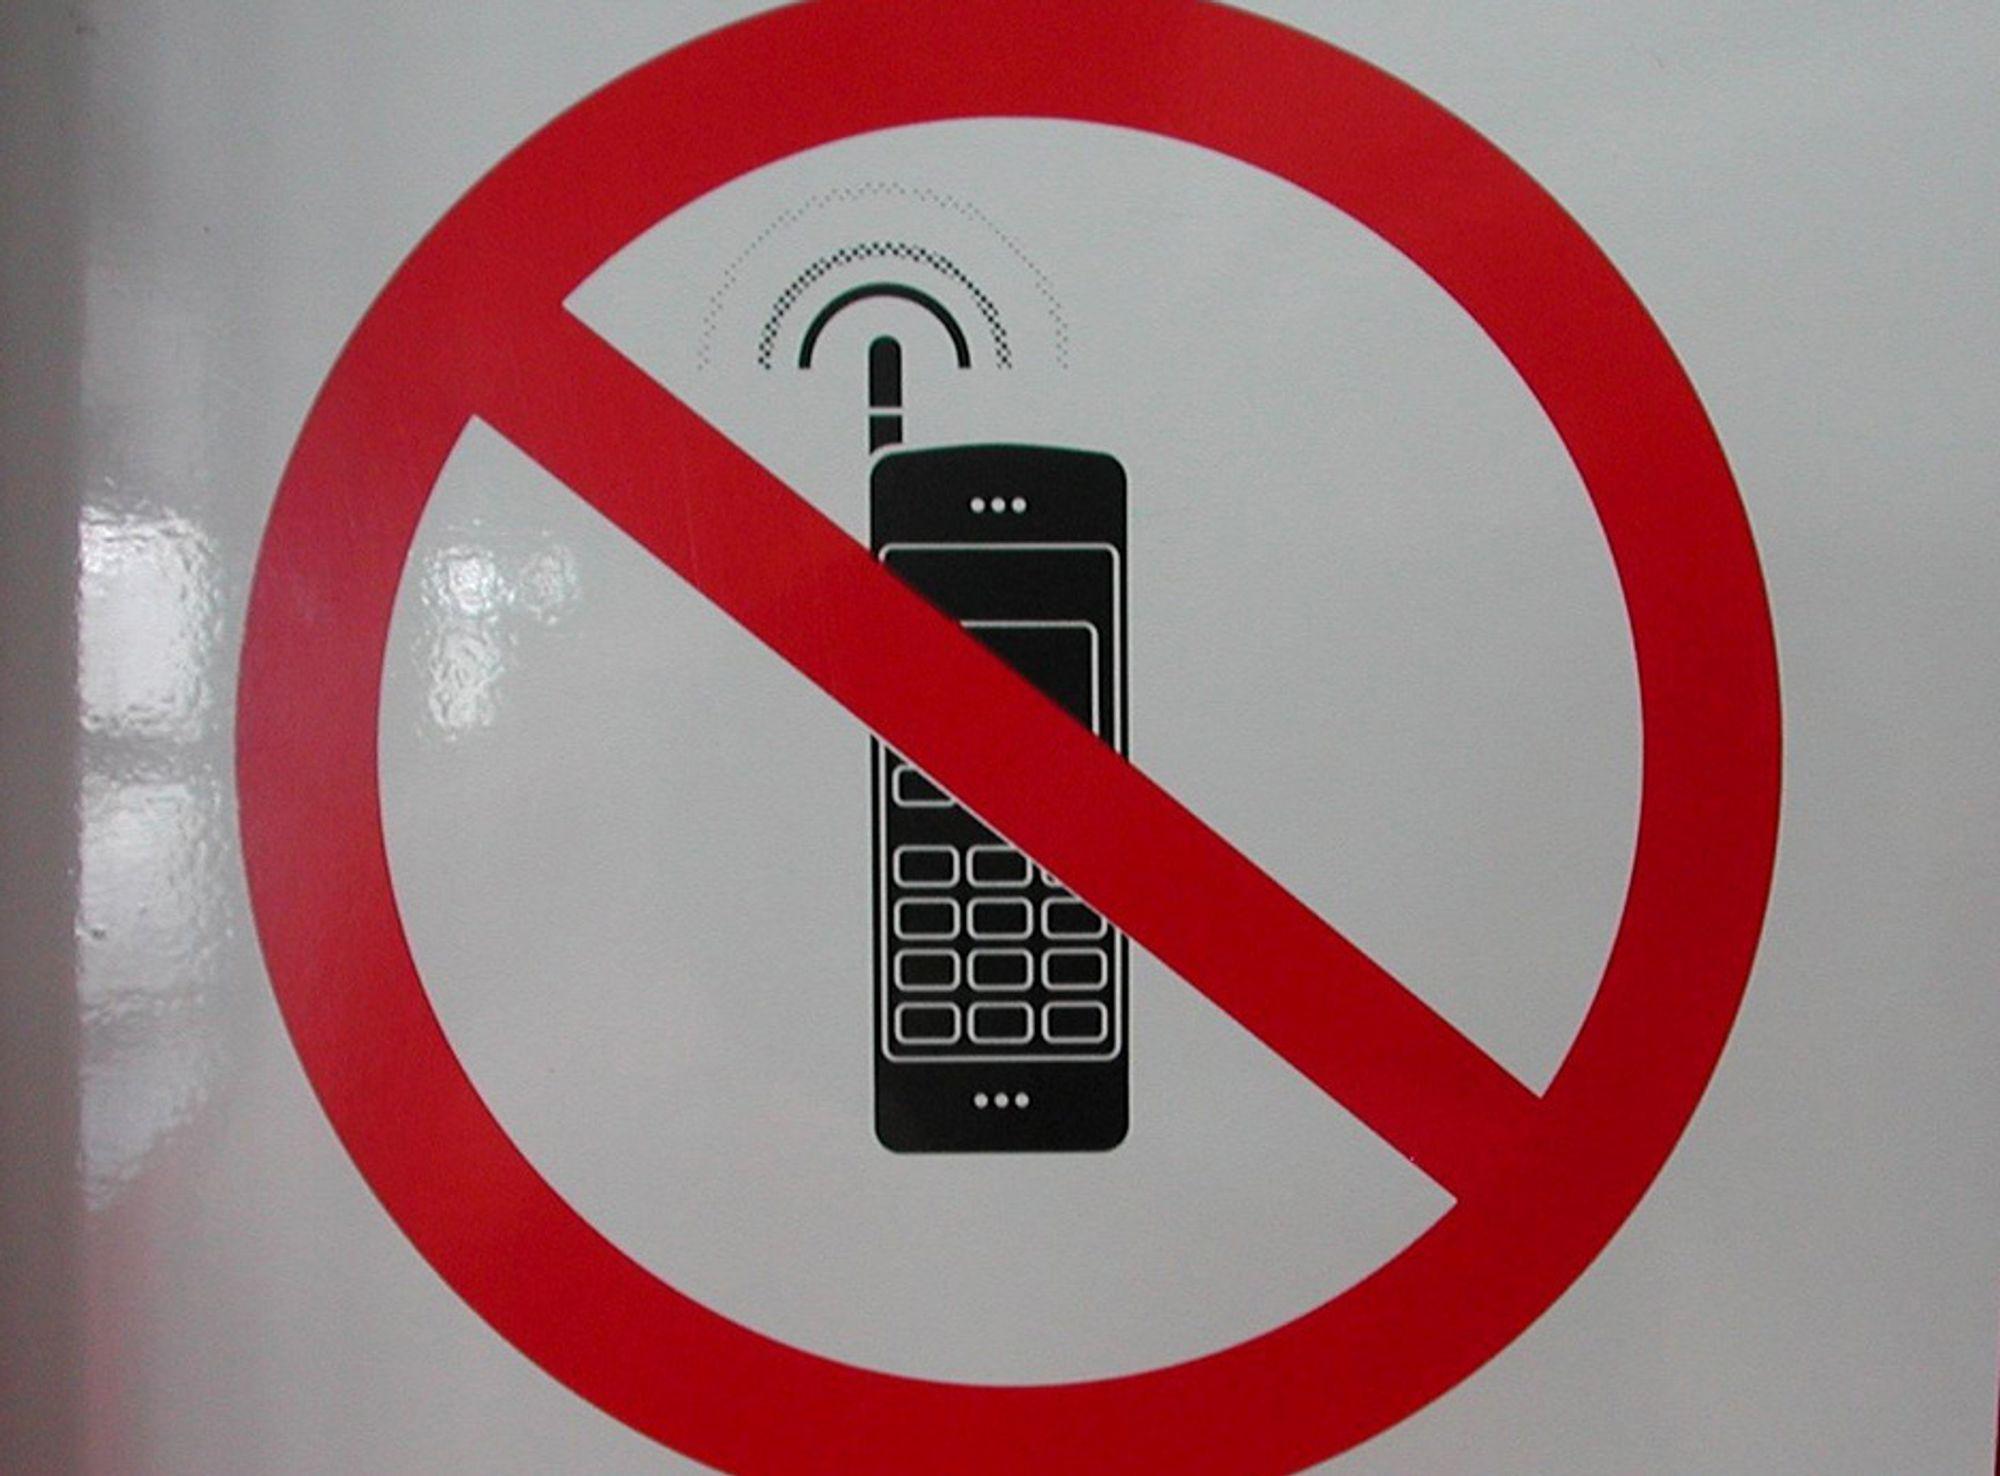 Mobiltelefon forbud sykehus